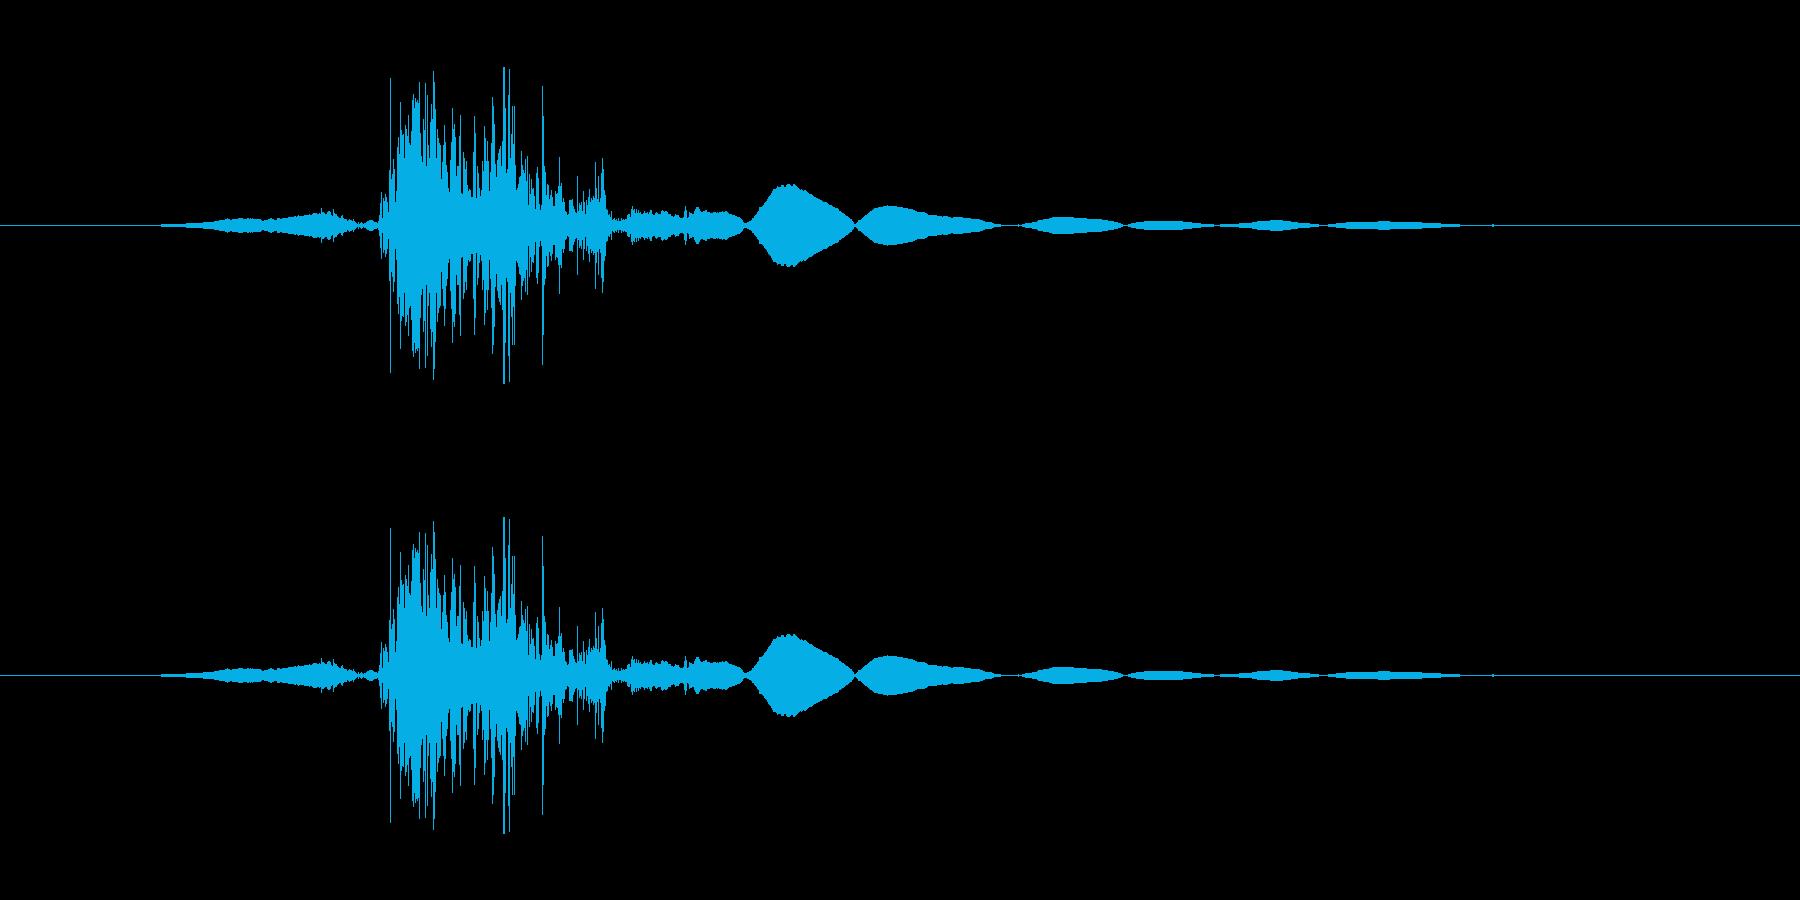 ドサッ(荷物を置いた音)の再生済みの波形